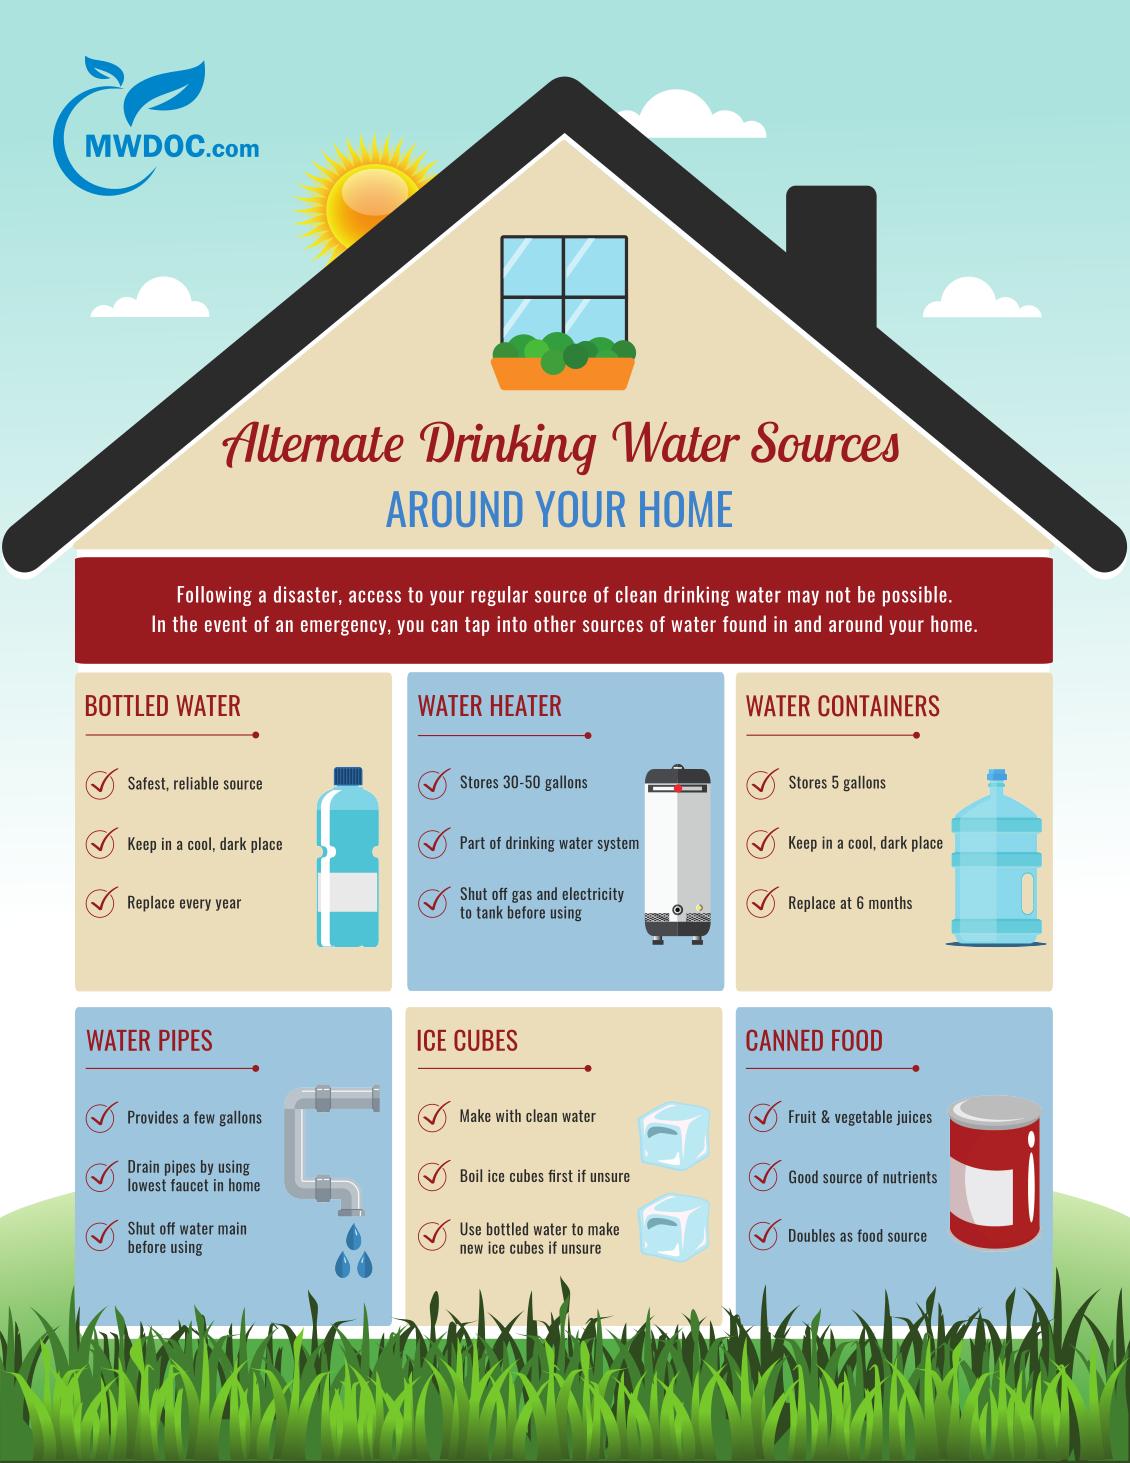 Alt.-Drinking-Water-Sources-Around-Home